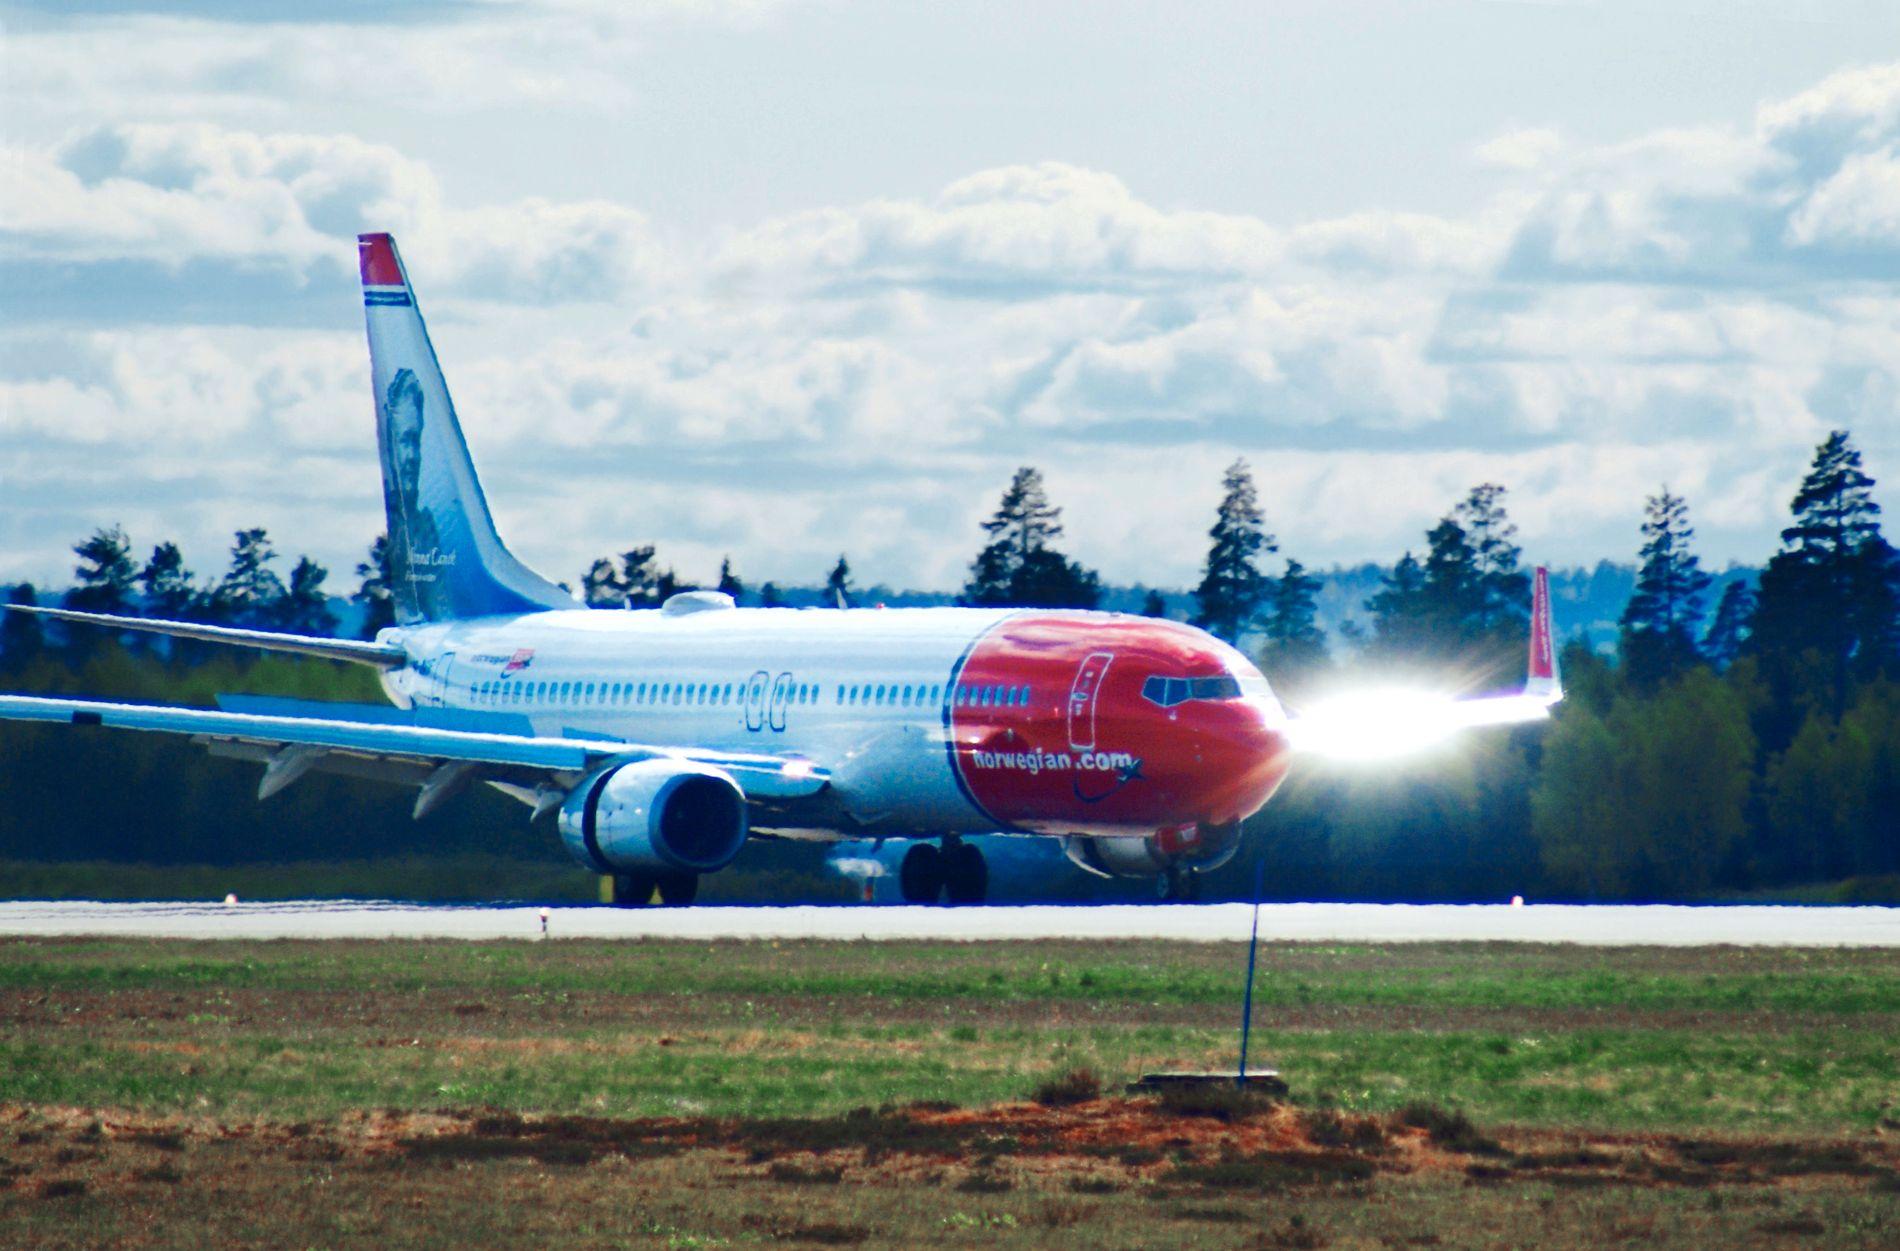 PÅ BAKKEN: Flyselskapet Norwegian kansellerte minst 19 avganger mandag. det inkluderte ruter mellom Oslo og Krakow, København og Barcelona.